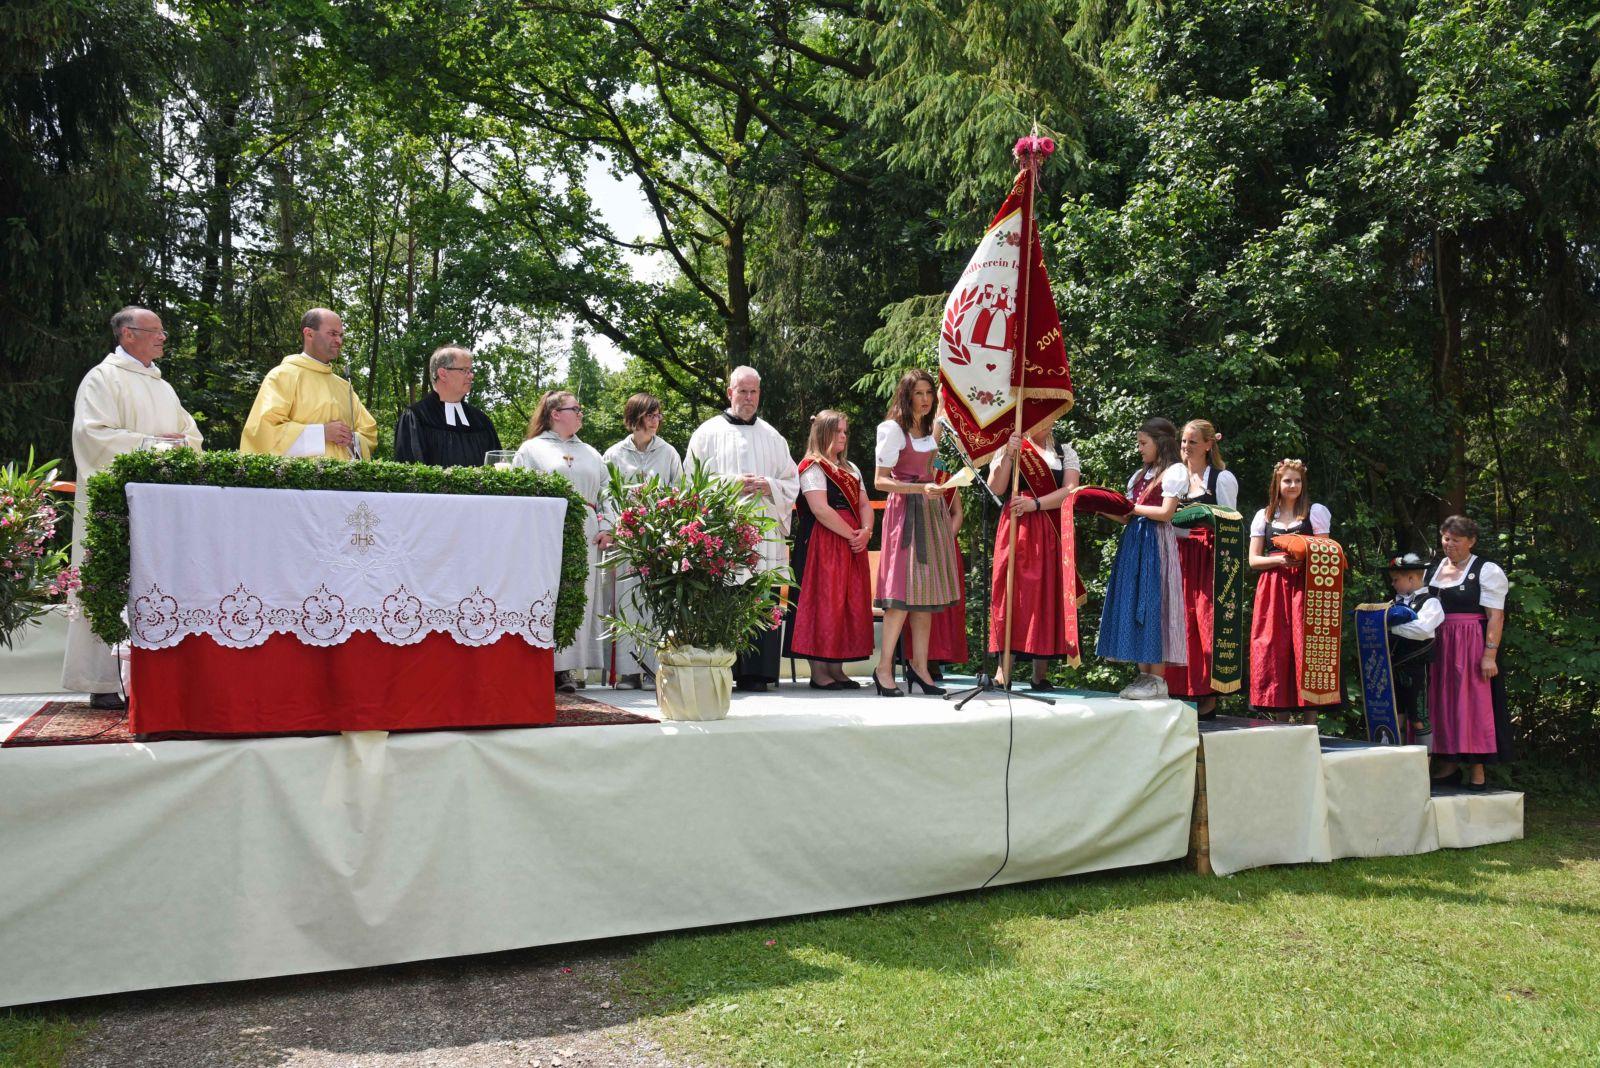 Am Festsonntag wurde die Fahne des Deandlvereins Ismaning im Rahmen des Gottesdienstes am Eisweiher geweiht.